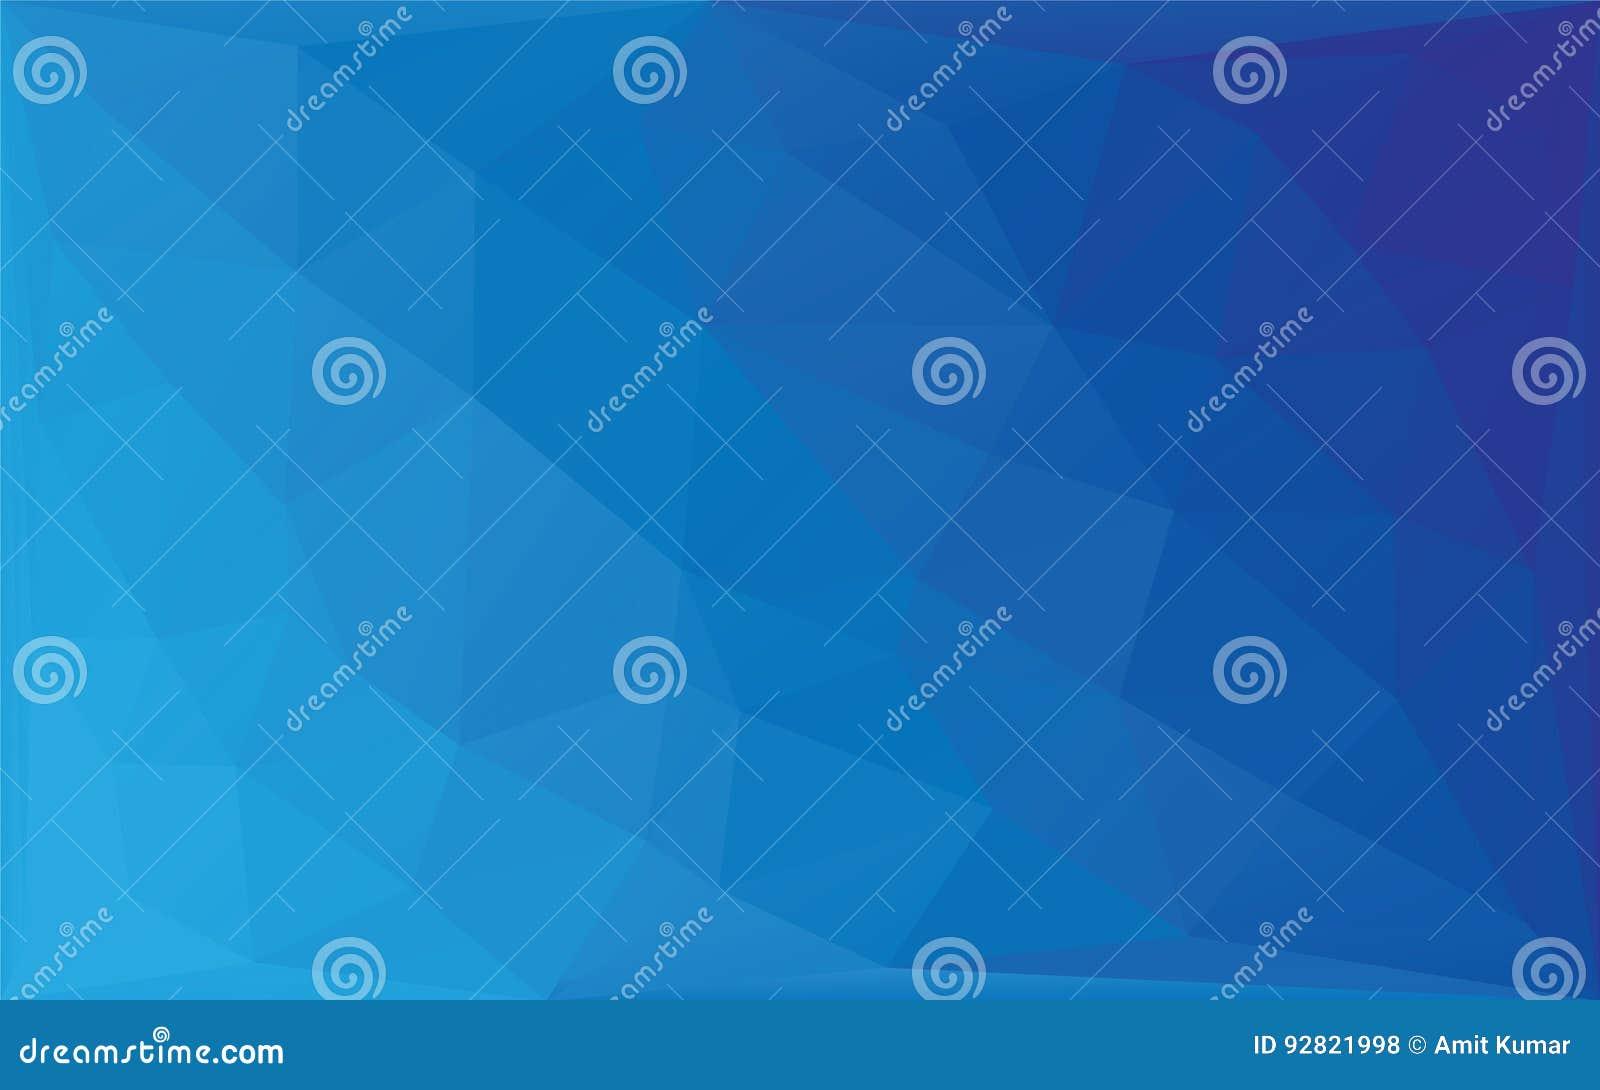 Διανυσματικό υπόβαθρο μωσαϊκών πολυγώνων αφηρημένο, τριγωνικό χαμηλό πολυ γραφικό υπόβαθρο απεικόνισης κλίσης ύφους μπλε